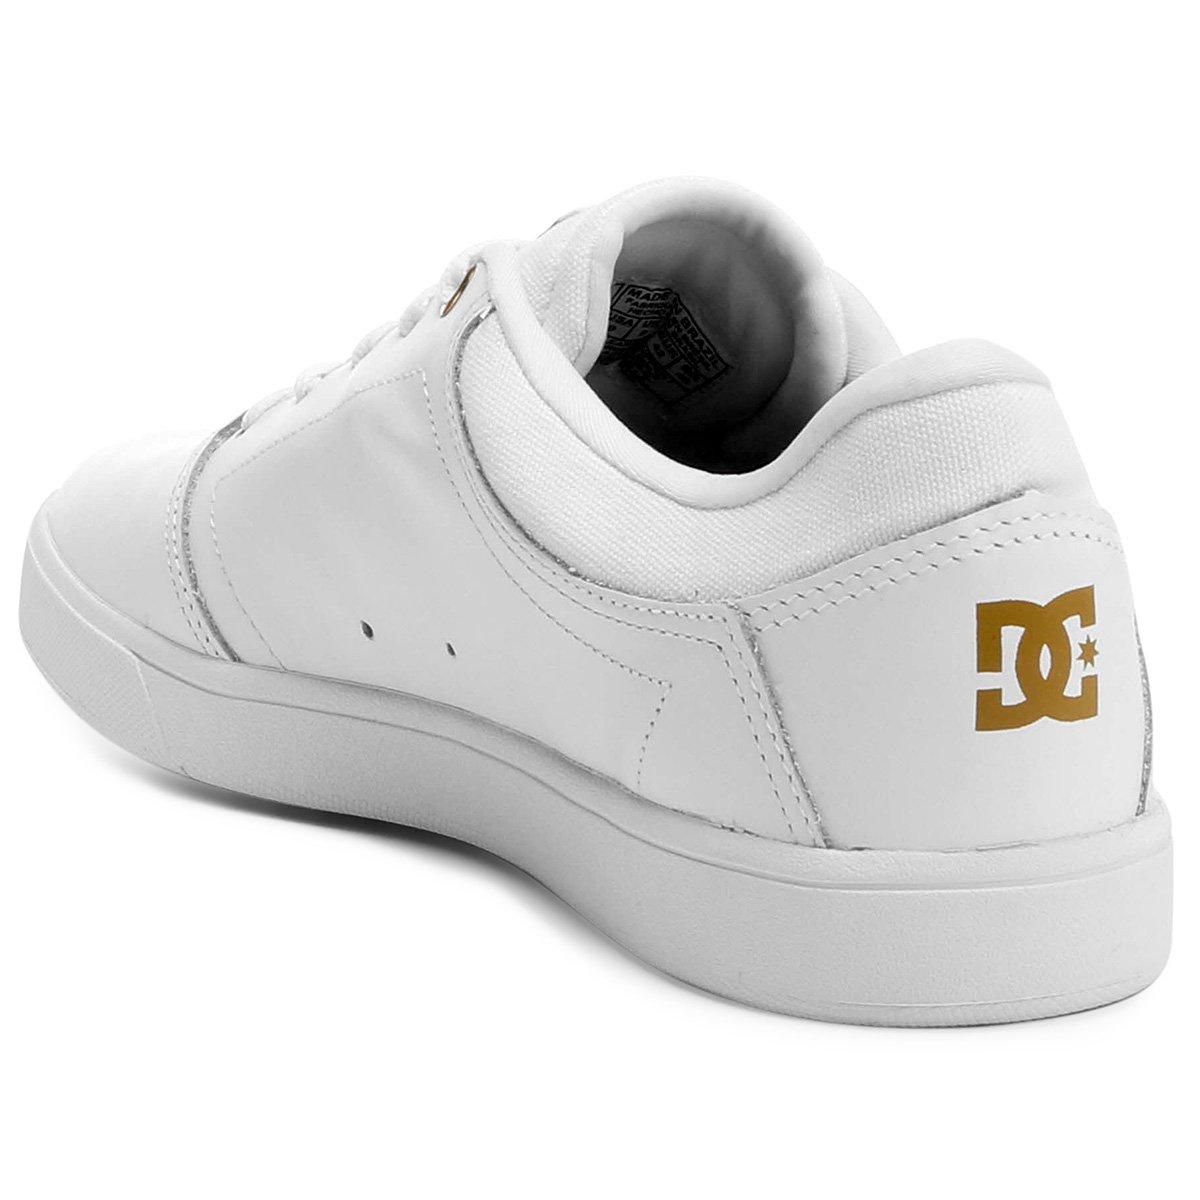 Le Tênis DC Tênis La Branco Shoes DC Crisis ppwXqO6